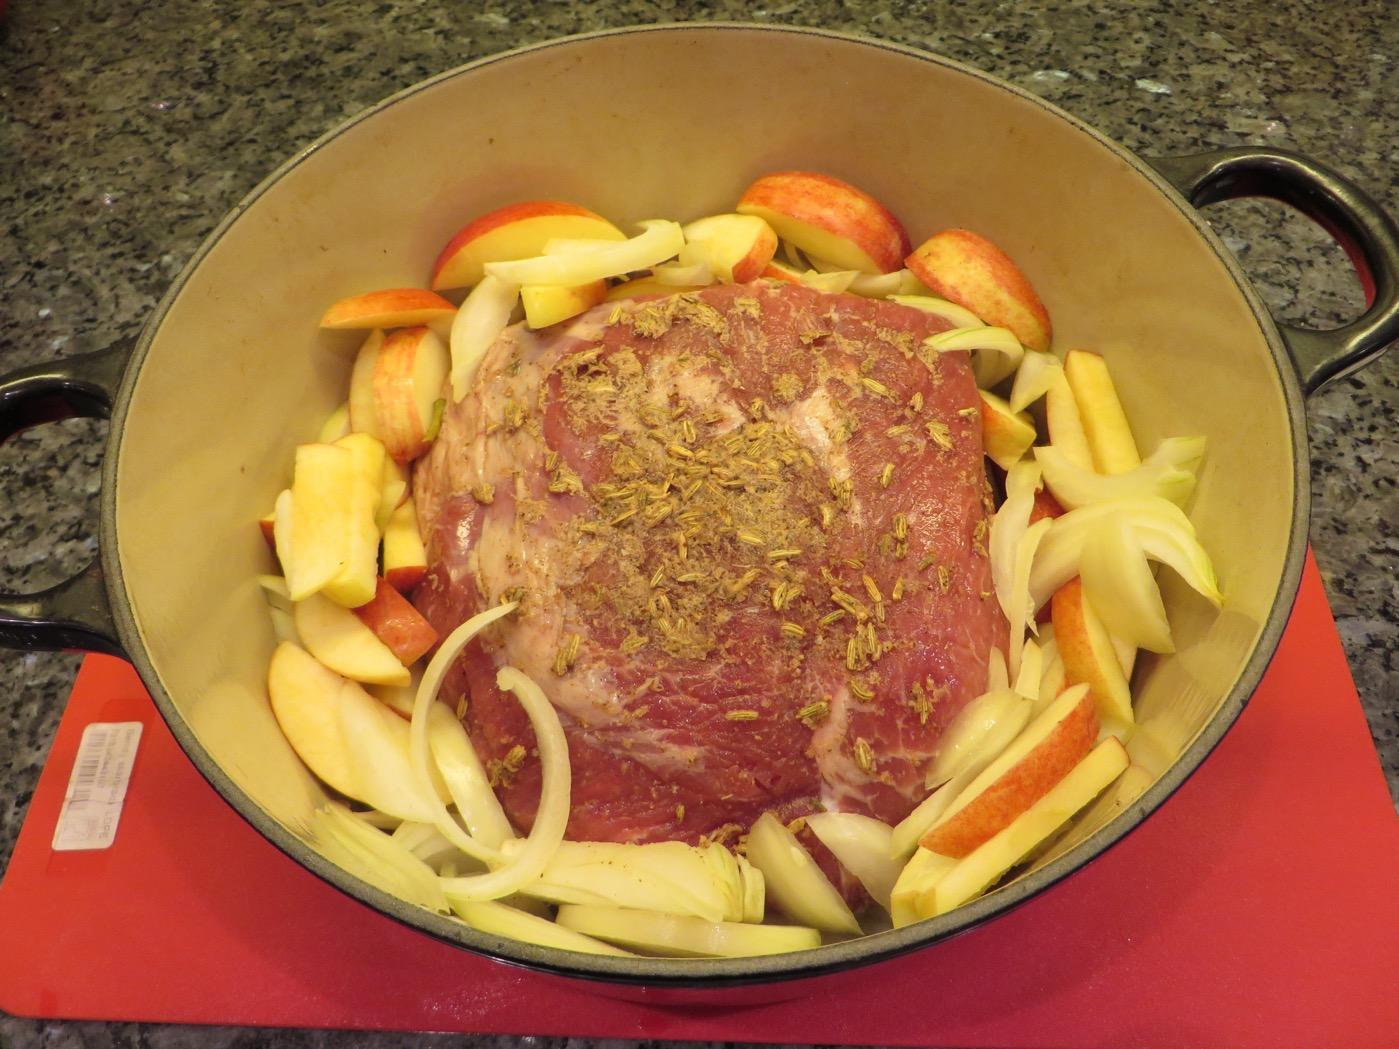 Fläskkarré med äpple, lök och härliga kryddor